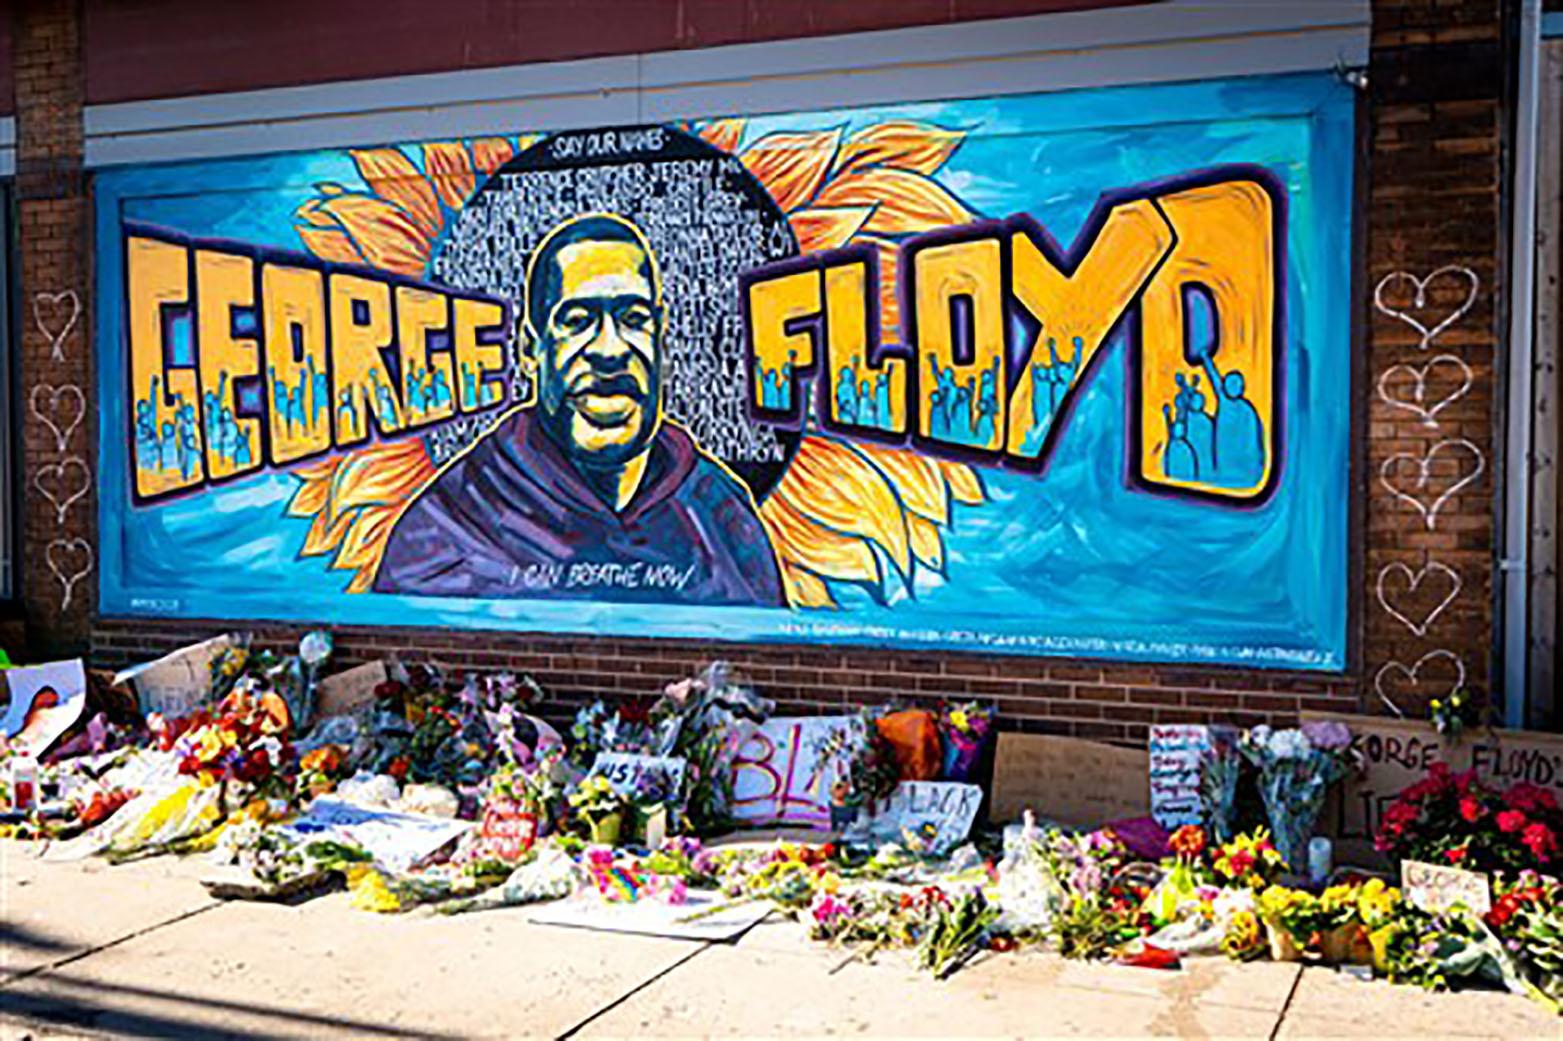 Un mural se encuentra en la intersección convertida en monument, donde George Floyd fue asesinado en mayo de 2020. Foto cortesía de la Conferencia Anual de Minnesota.